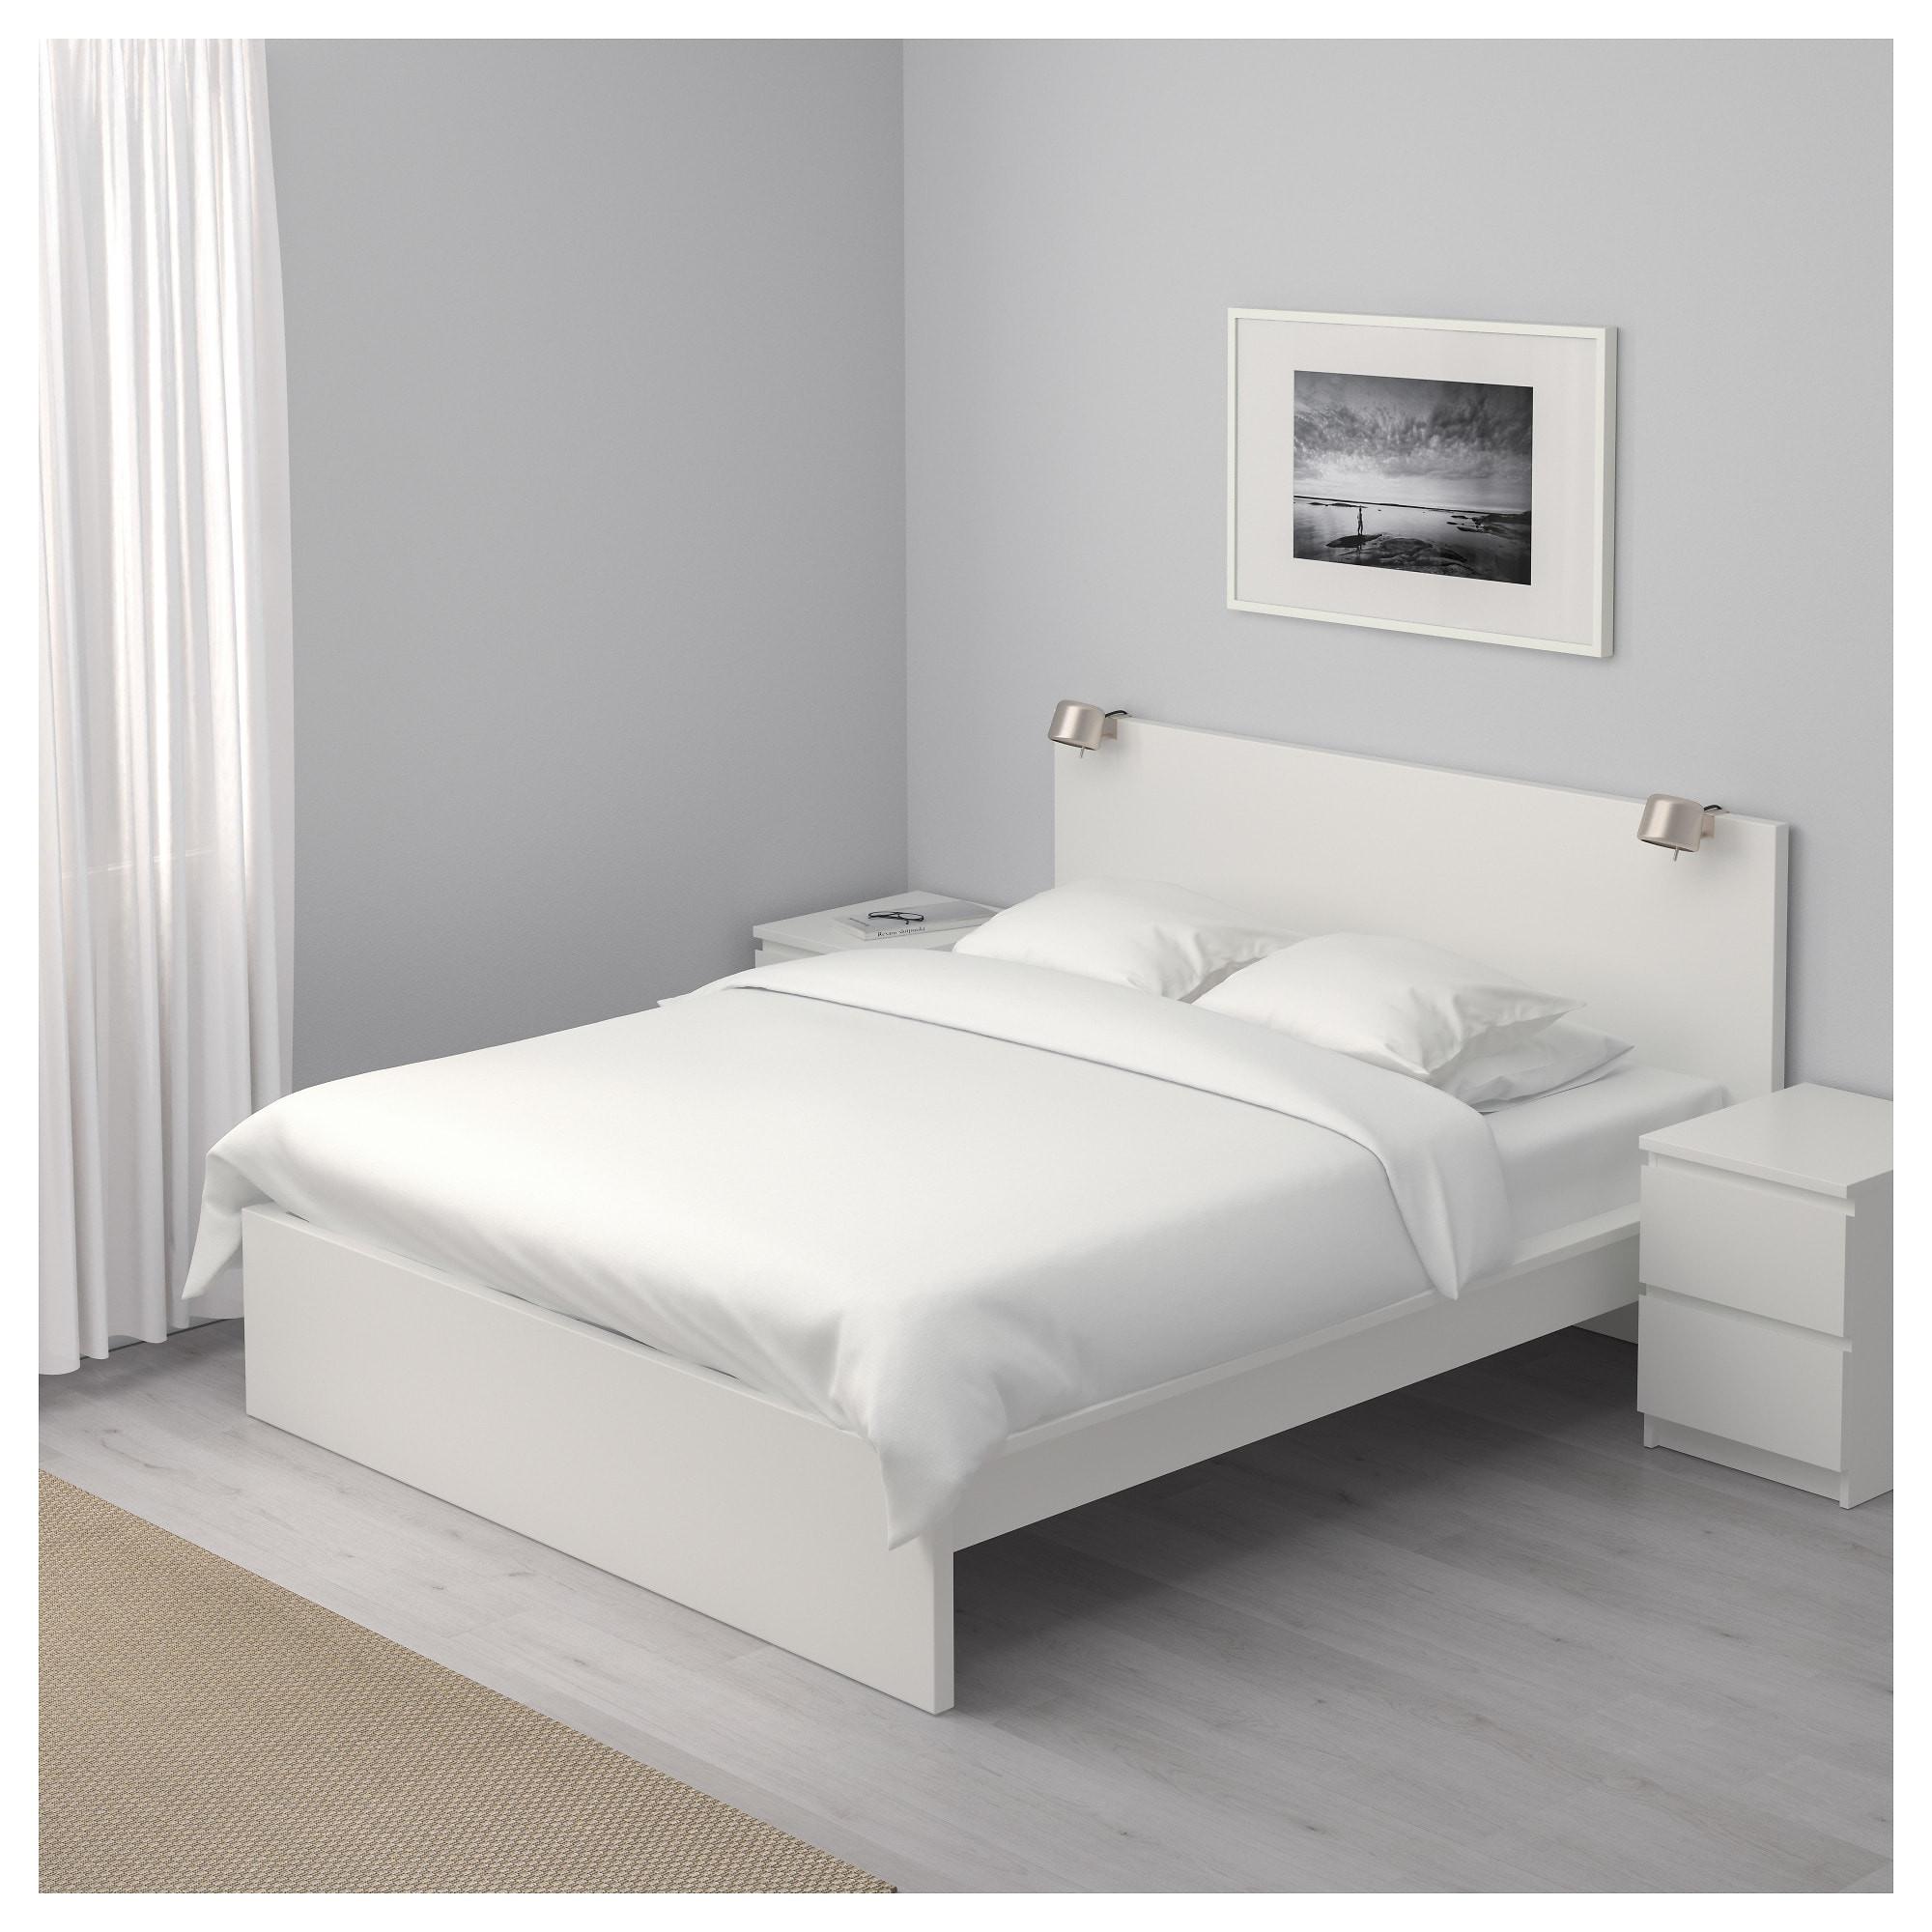 Full Size of 38 Hk Bett 200x220 Ikea Fhrung Ausklappbar Stauraum 160x200 Hohes überlänge Mit Rutsche 1 40 Betten Günstig Kaufen Bette Badewannen Boxspring Amazon 200x200 Bett Bett 200x220